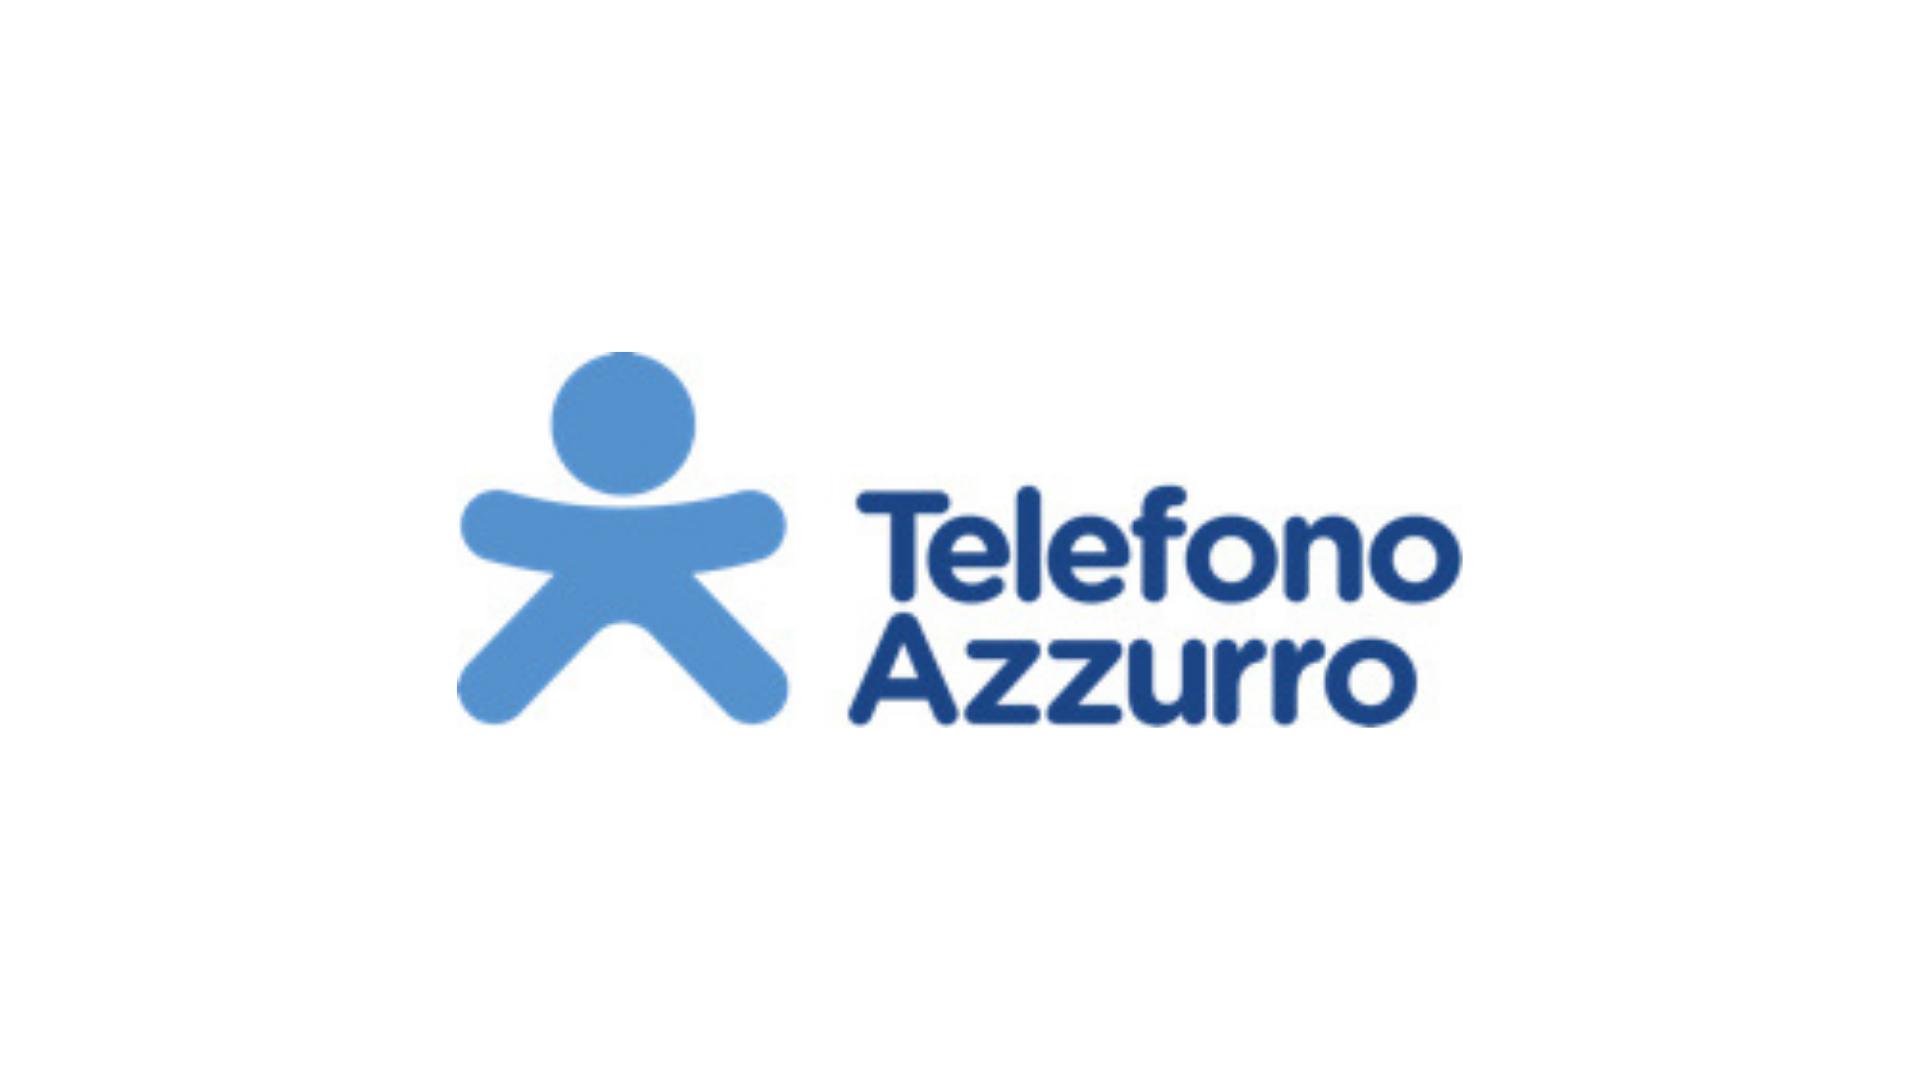 Telefono Azzurro (Italy)